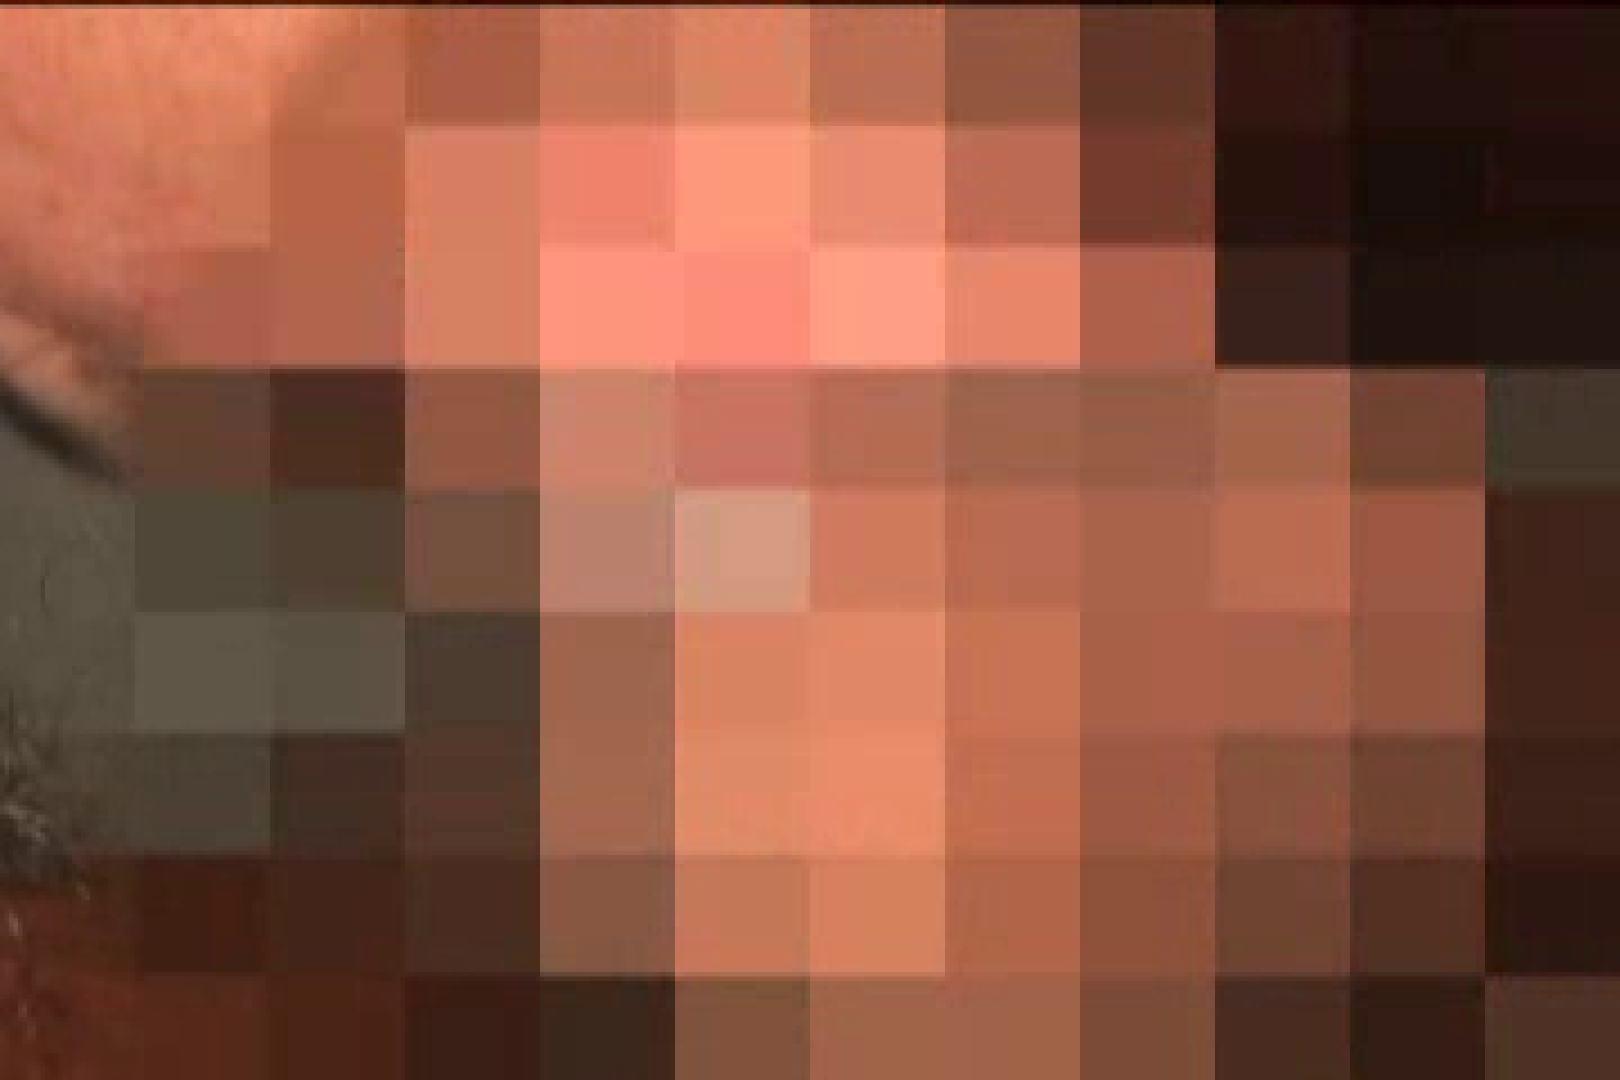 悶絶!!ケツマンFighters!! Part.04 ケツマン | 悶絶ボーイズ  91枚 73